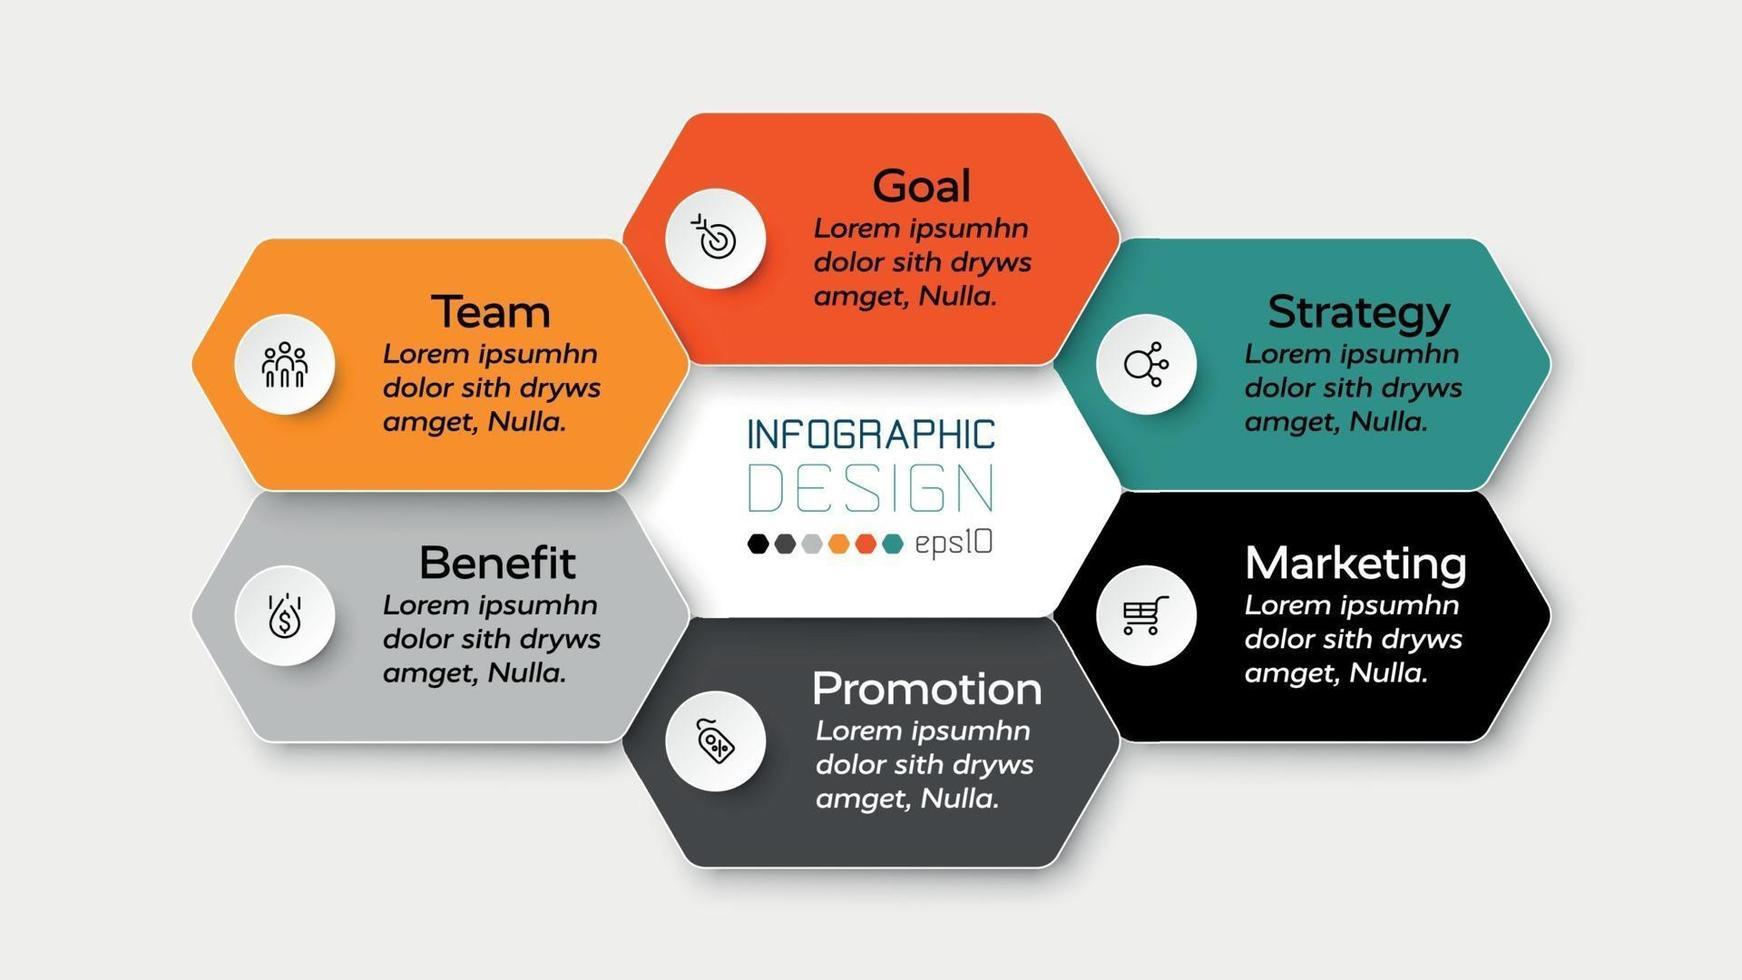 o planejamento de uma apresentação de negócios, marketing e educação é ilustrado por um design hexagonal que explica o processo de trabalho. ilustração vetorial. vetor